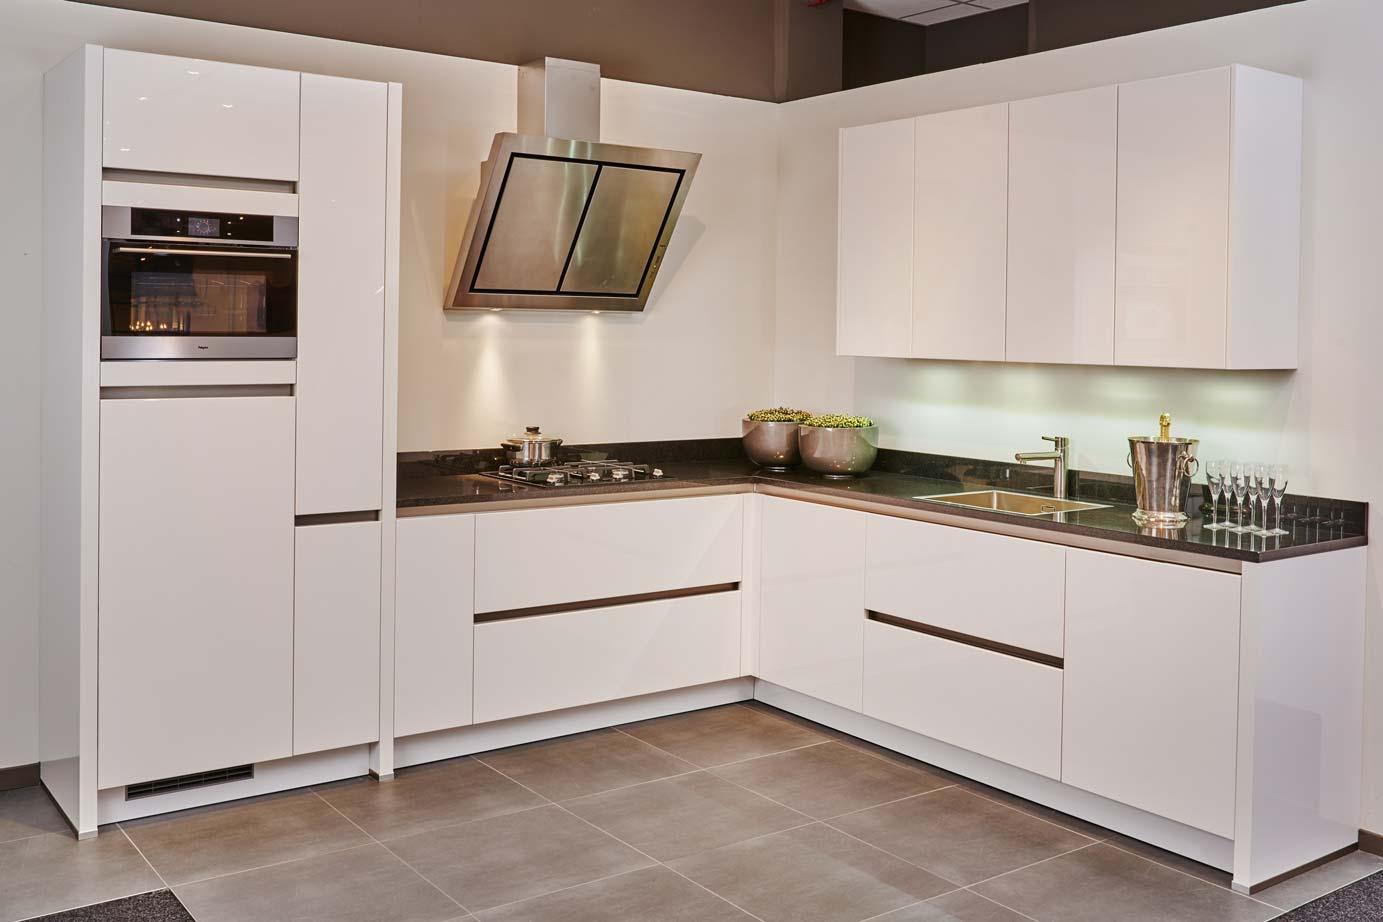 Witte mozaiek tegels keuken charmante hoekkeuken decorontwerp met witte verf kabinet keuken - Witte keukens ...